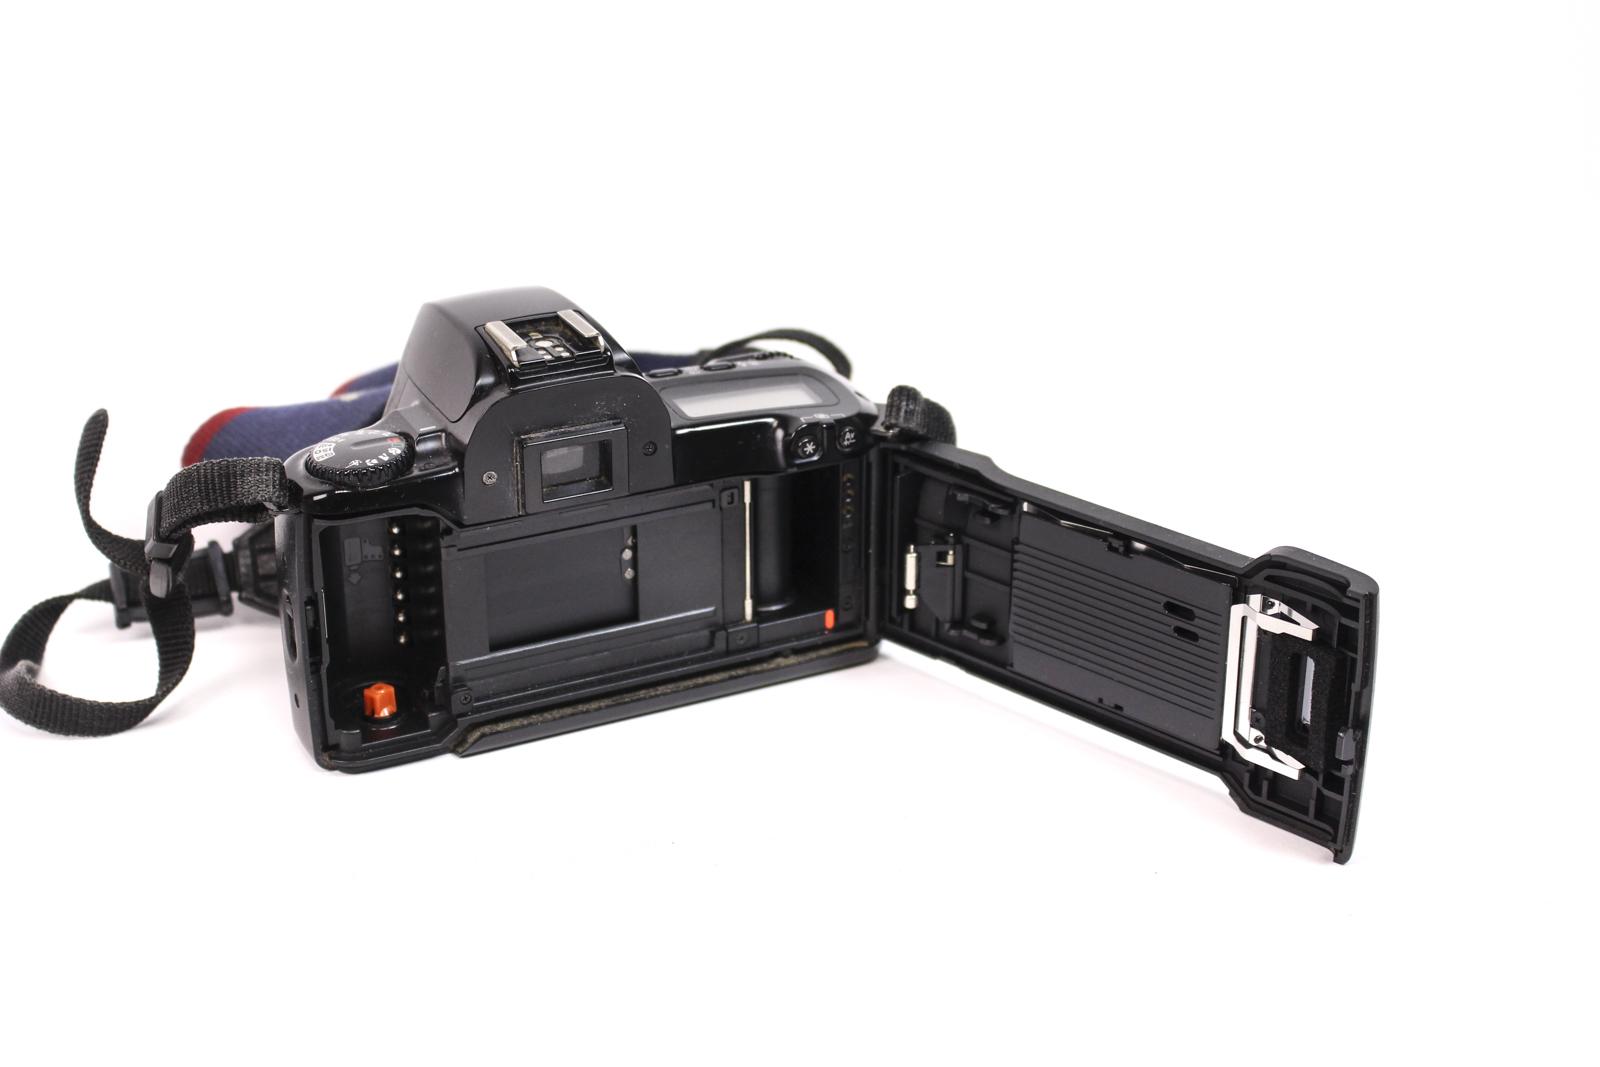 canon eos 500 analoge spiegelreflexkamera slr analogkamera. Black Bedroom Furniture Sets. Home Design Ideas